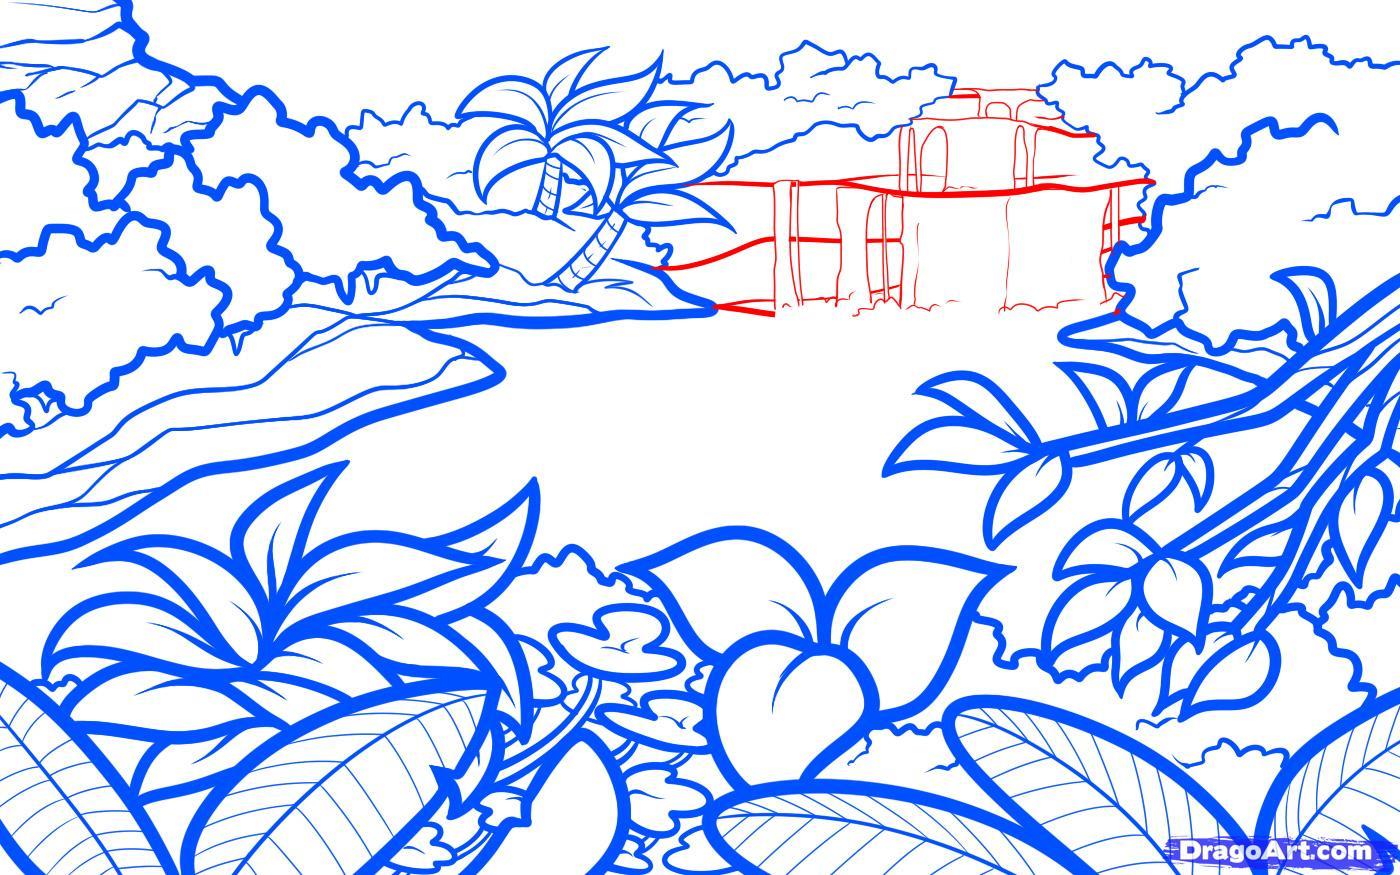 Drawn rainforest jungle landscape Lagoon Landscapes 7 a Landmarks